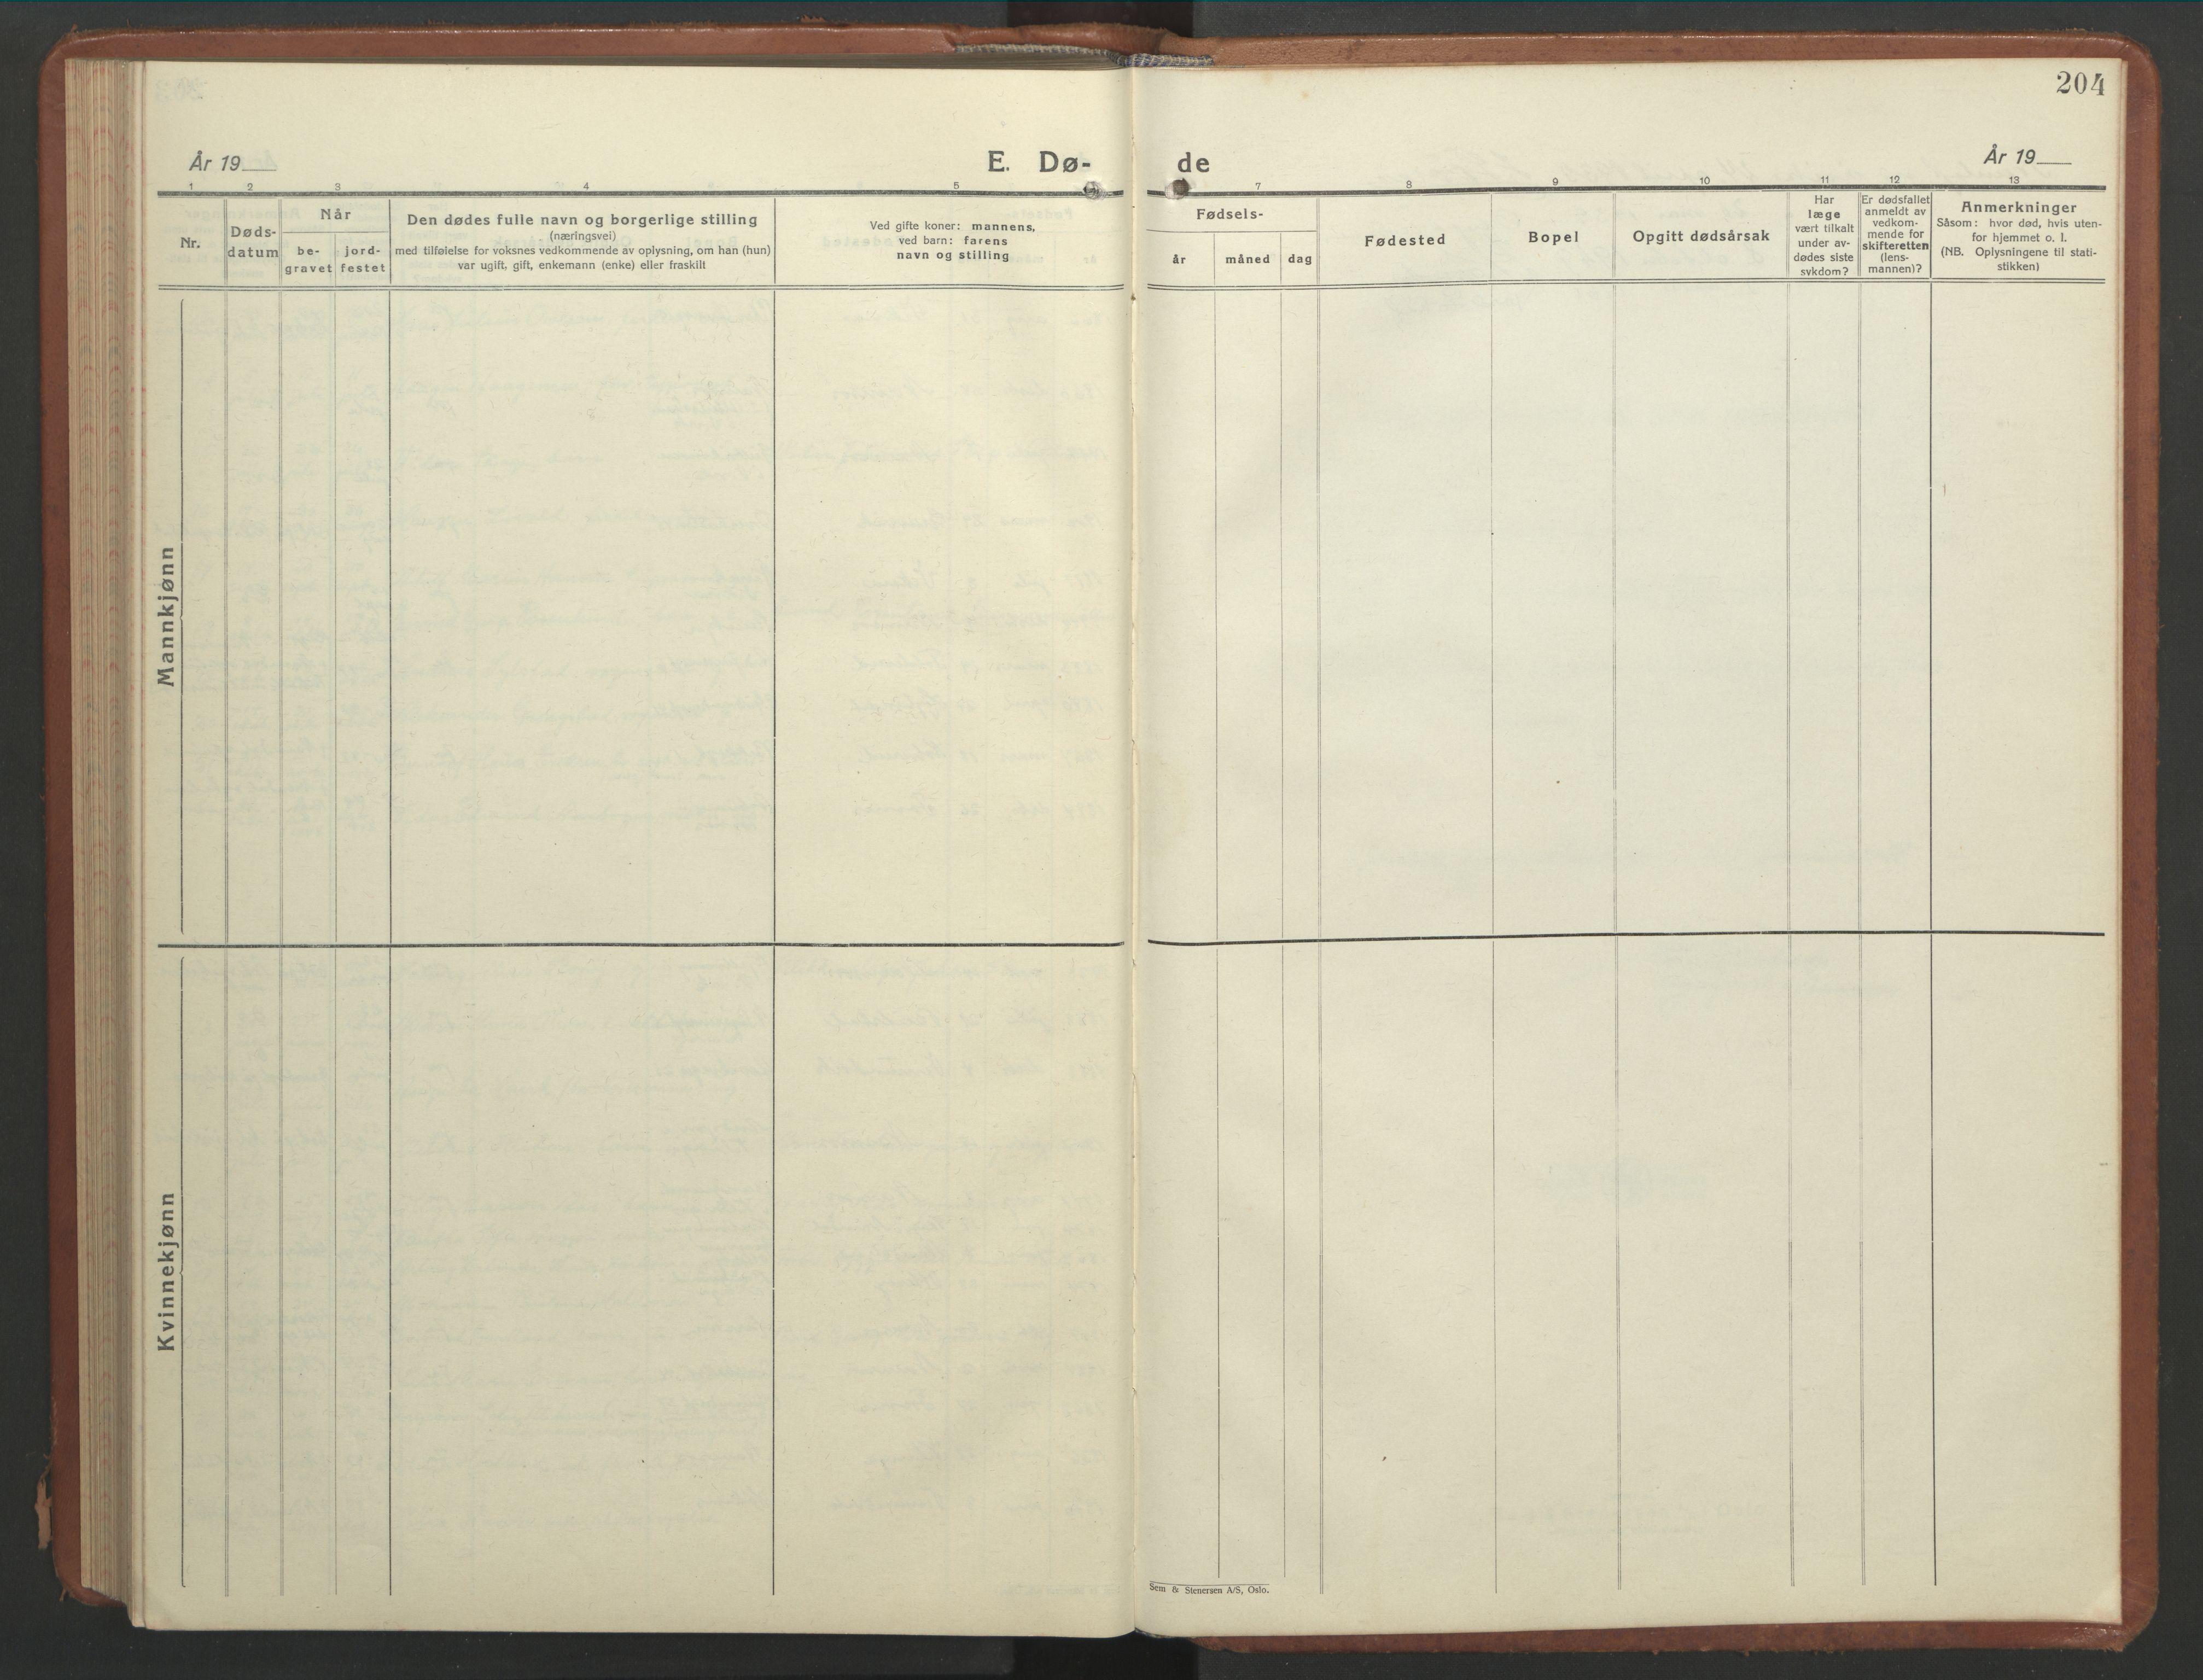 SAT, Ministerialprotokoller, klokkerbøker og fødselsregistre - Nord-Trøndelag, 768/L0583: Klokkerbok nr. 768C01, 1928-1953, s. 204